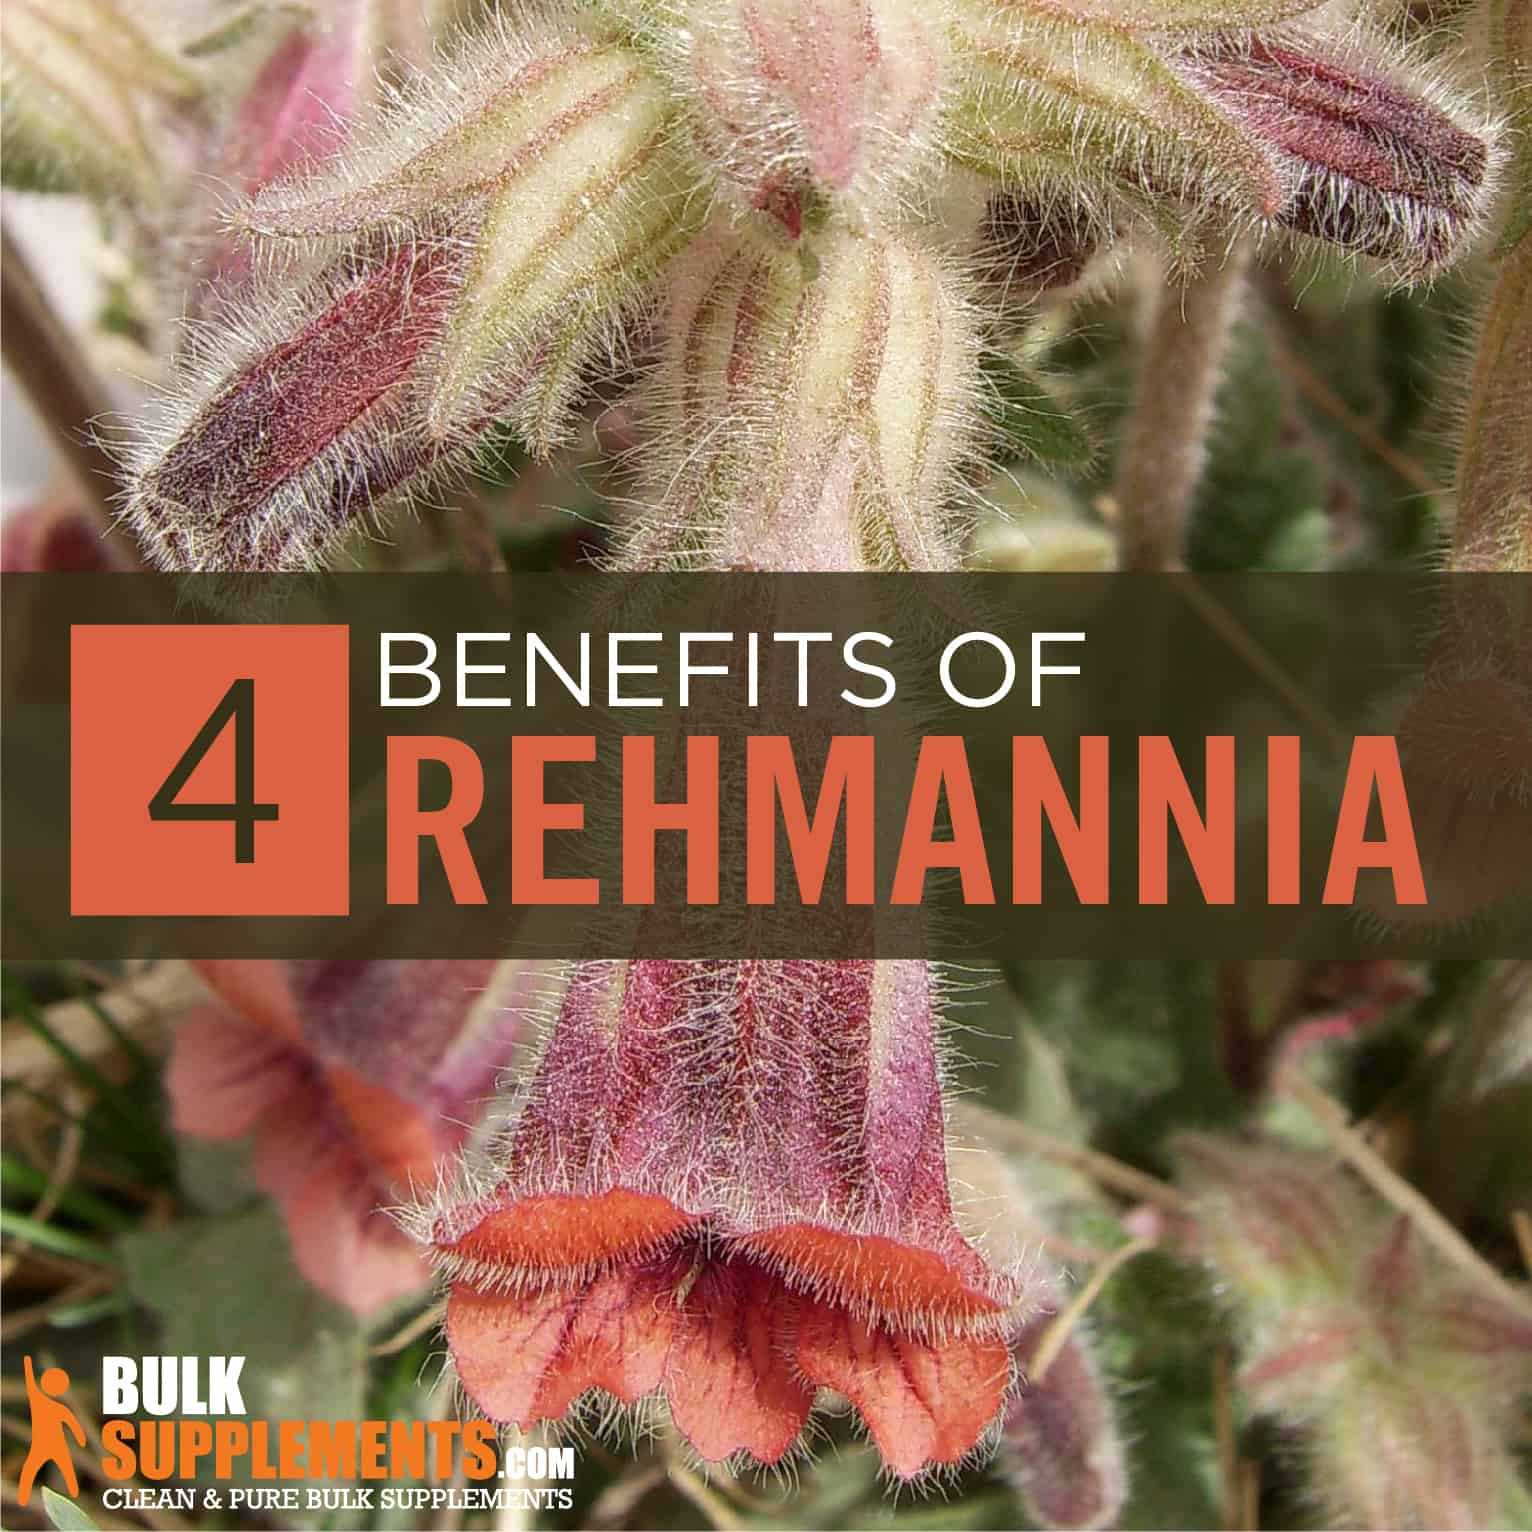 Rehmannia